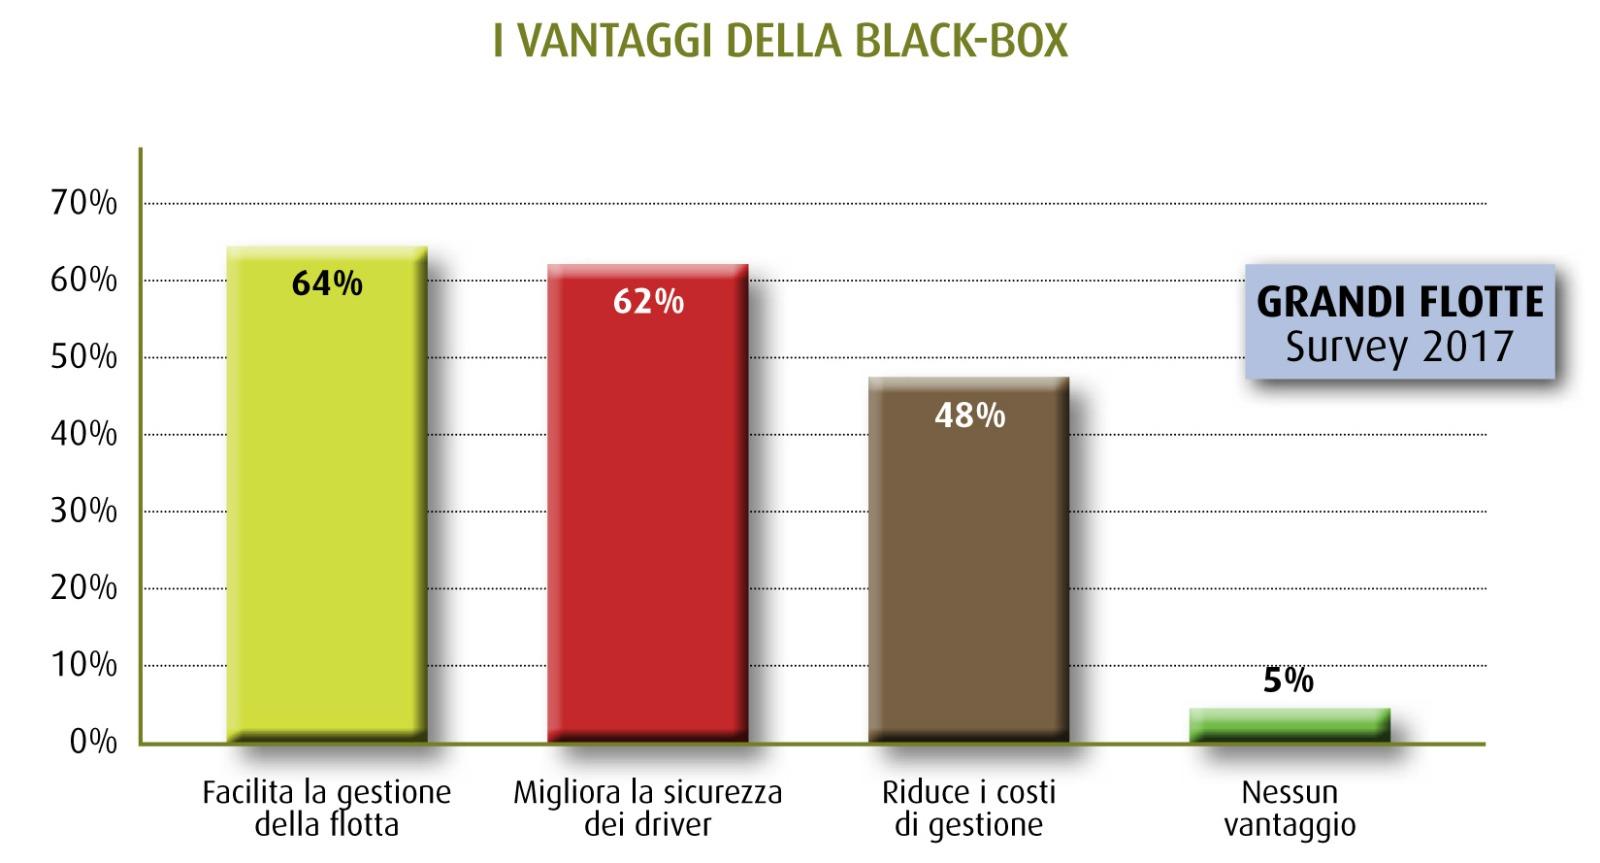 scatola nera vantaggi grandi flotte